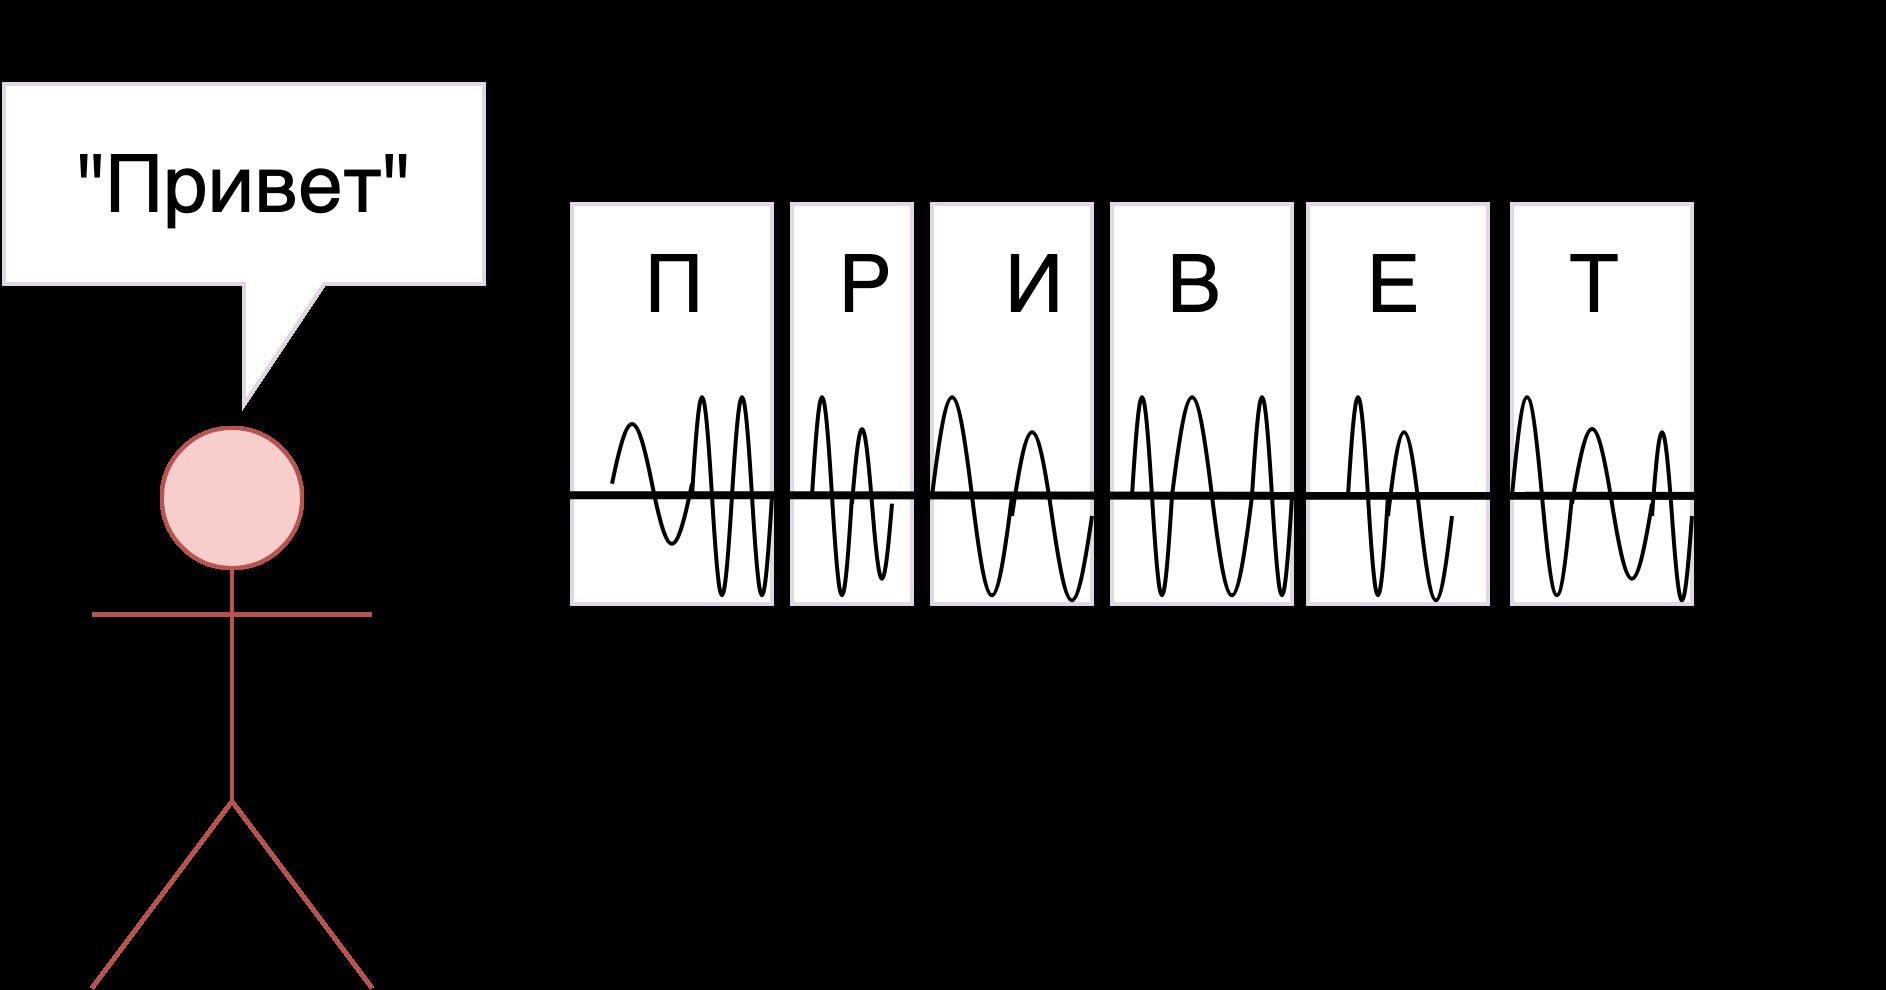 Power-line communication. Часть 1 — Основы передачи данных по линиям электропередач - 4